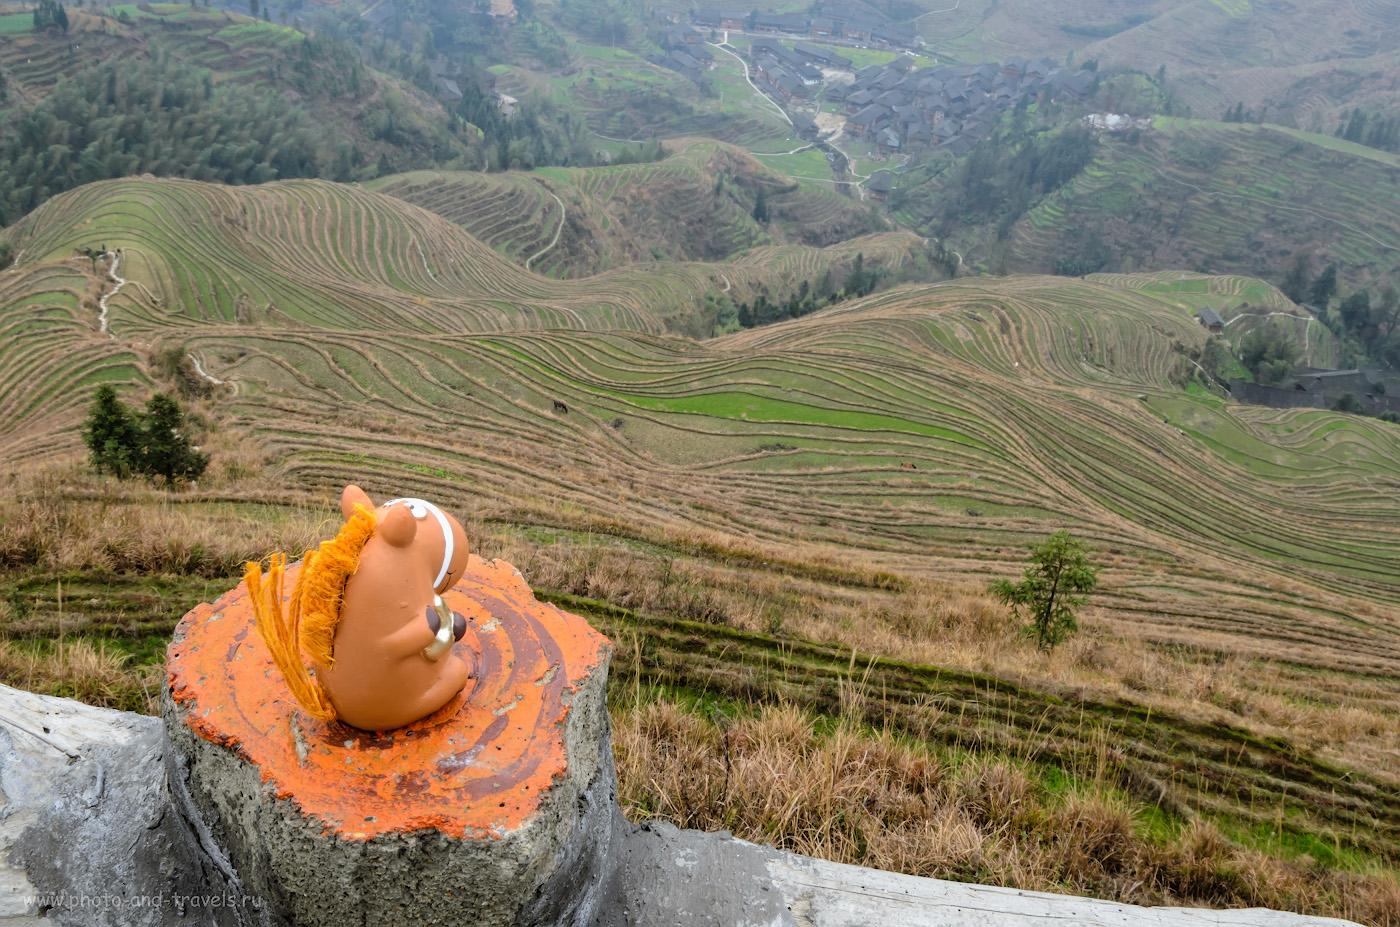 37. Коник Борька любуется рисовыми террасами Хребет Дракона на Юго-Востоке Китая. Снято на Nikon D5100 + Nikon 17-55mm f/2.8G. Параметры: 0.4, f/22, 100, 23.